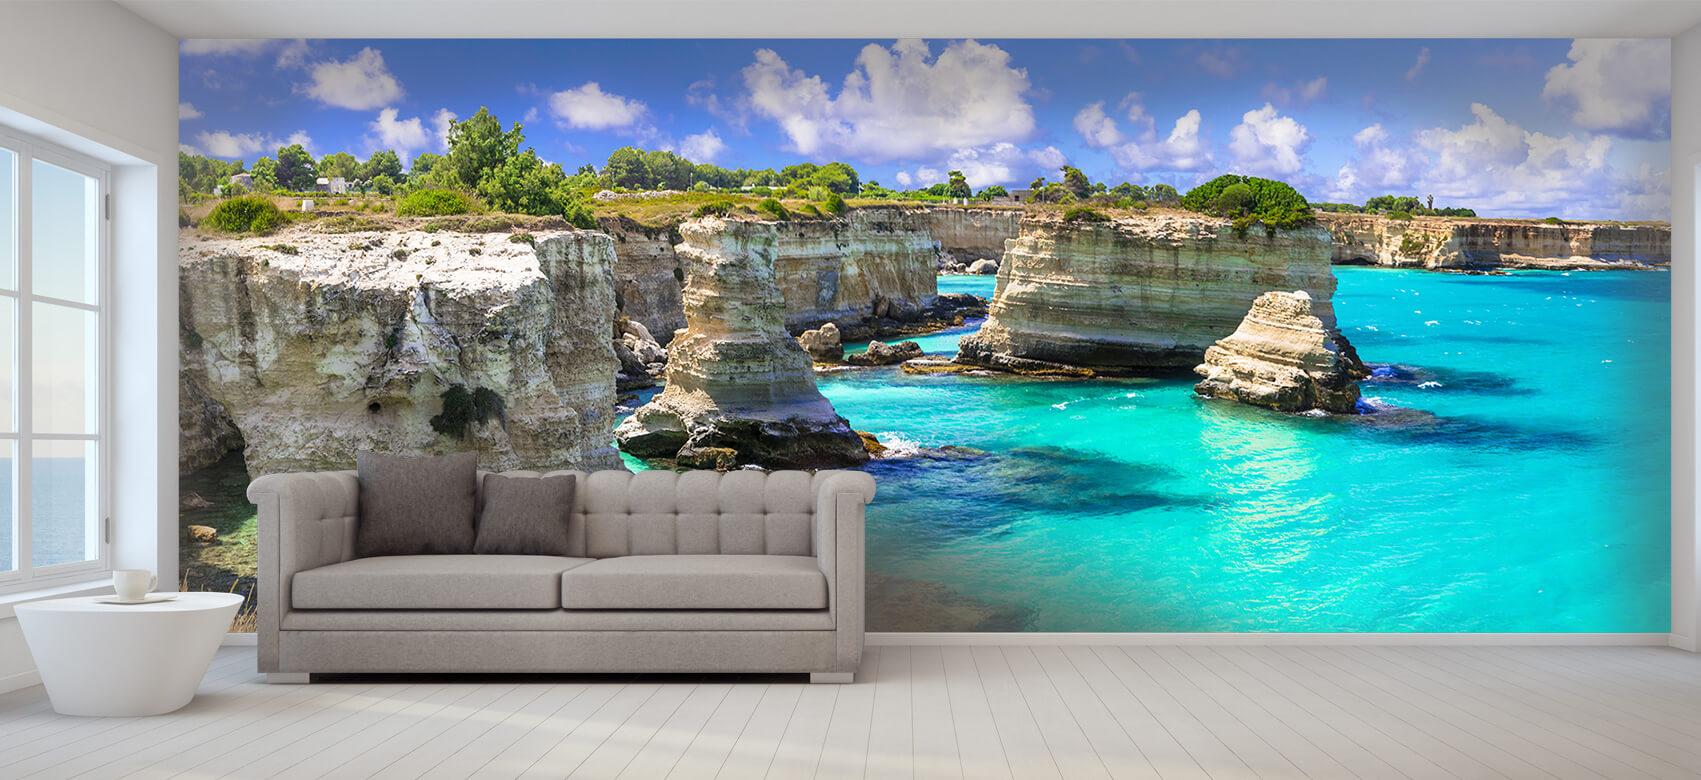 Zomer behang - Rotsformatie aan de kust - Slaapkamer 8